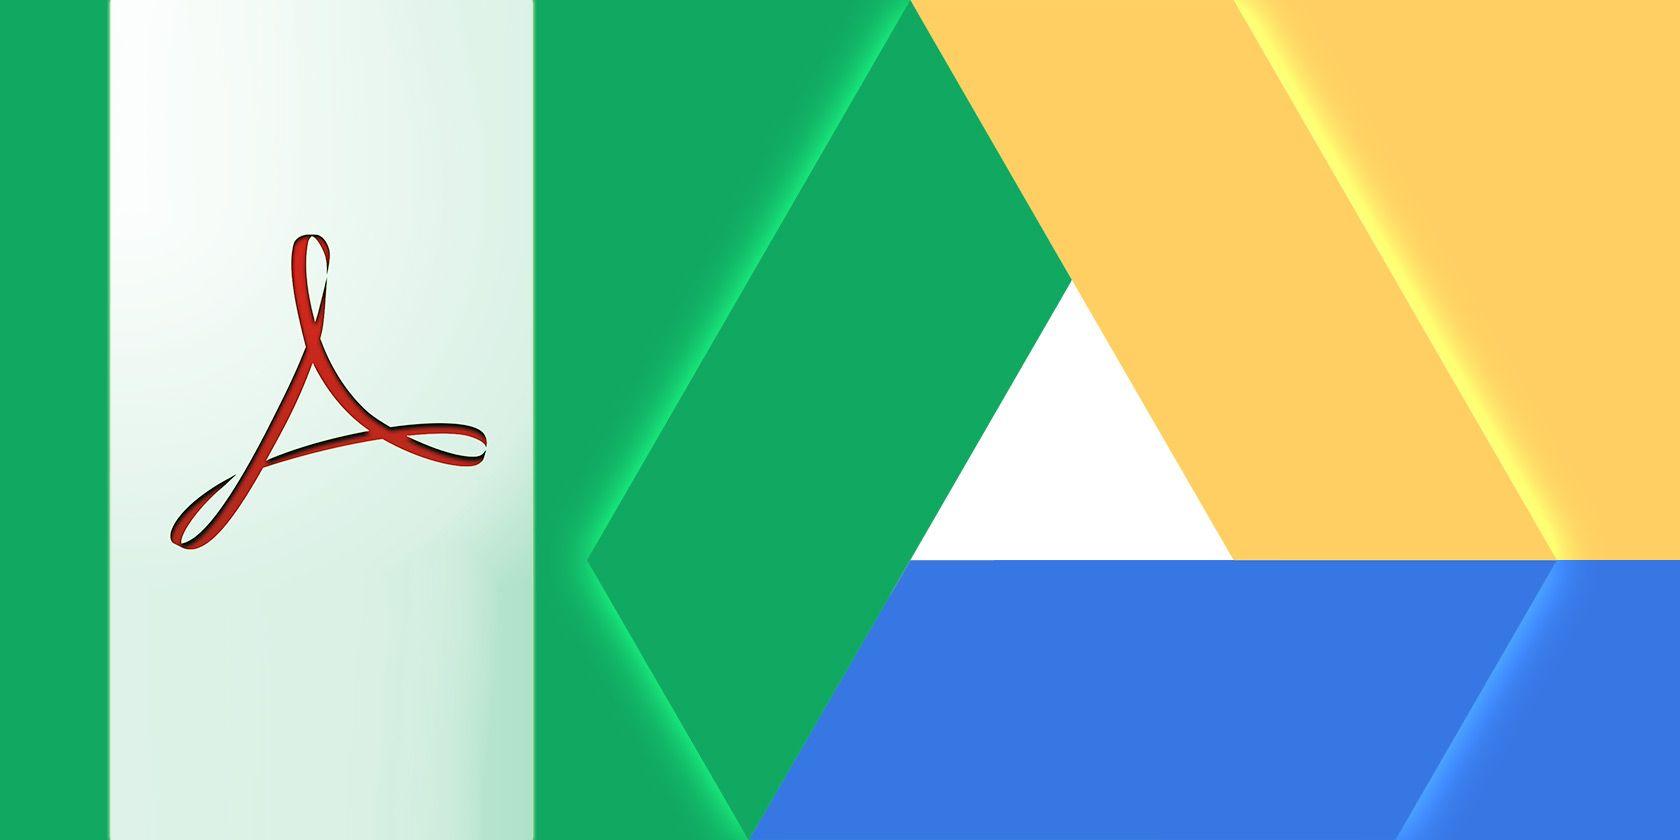 با این ترفندها از گوگل درایو به عنوان یک ابزار مدیریت PDF حرفهای استفاده کنید